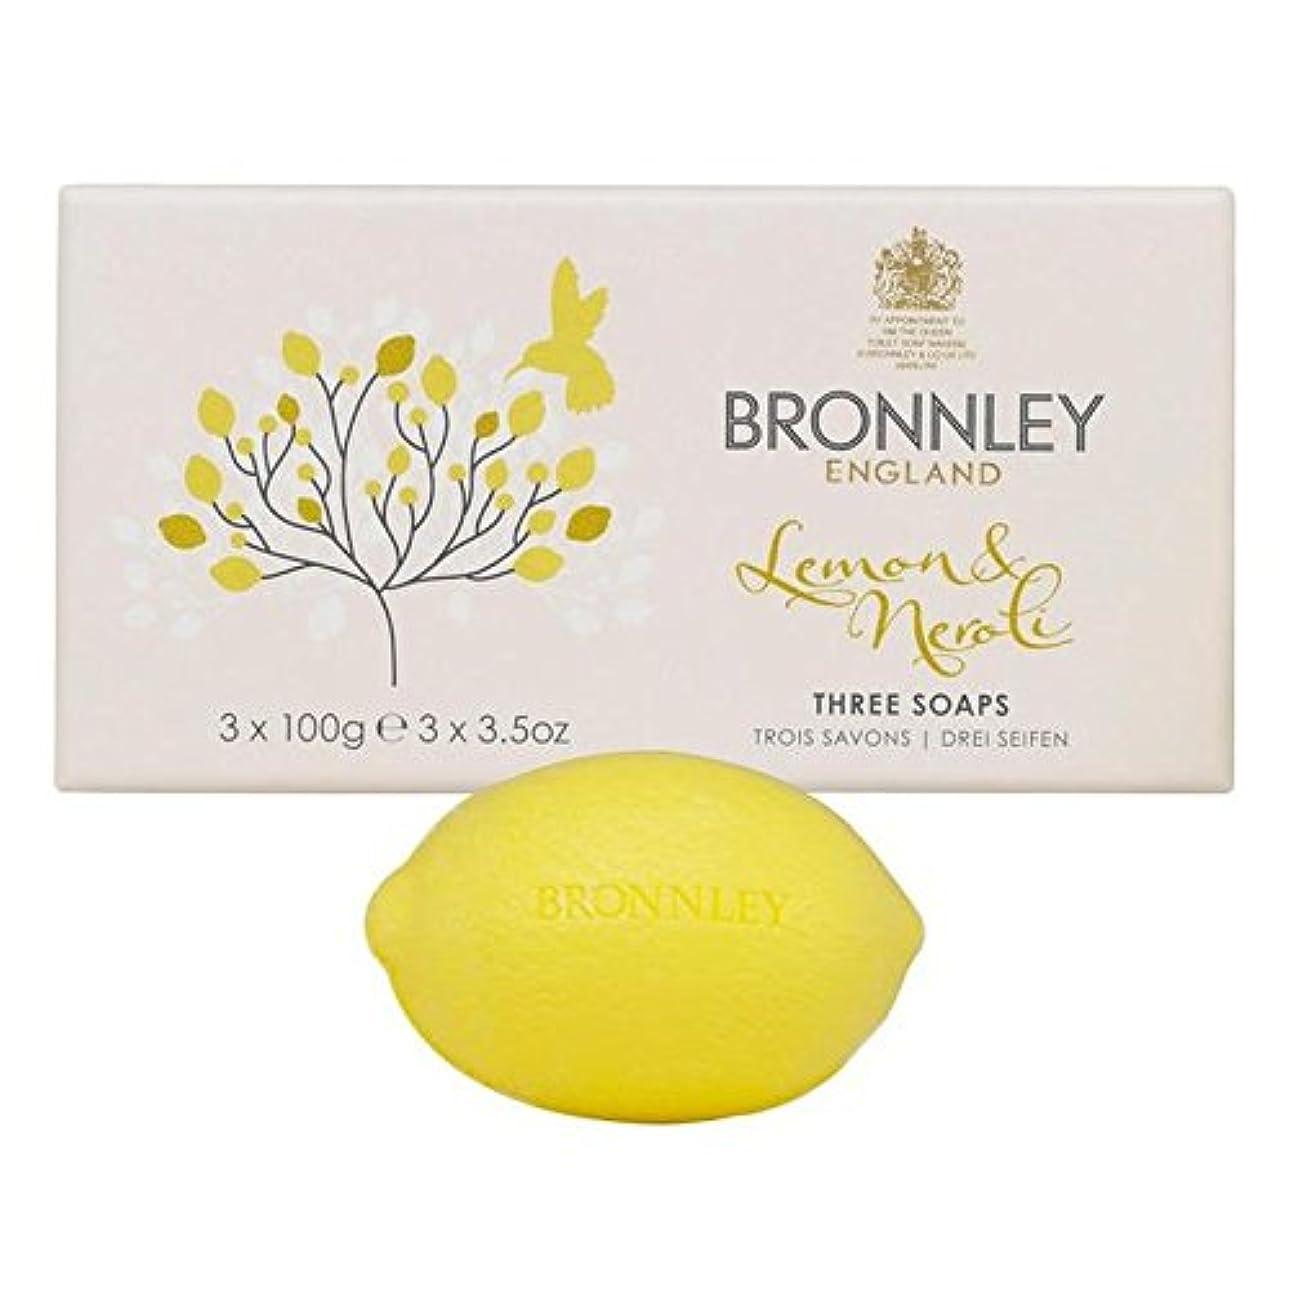 時間とともに考古学ソフィーBronnley Lemon & Neroli Soaps 3 x 100g (Pack of 6) - レモン&ネロリ石鹸3×100グラム x6 [並行輸入品]